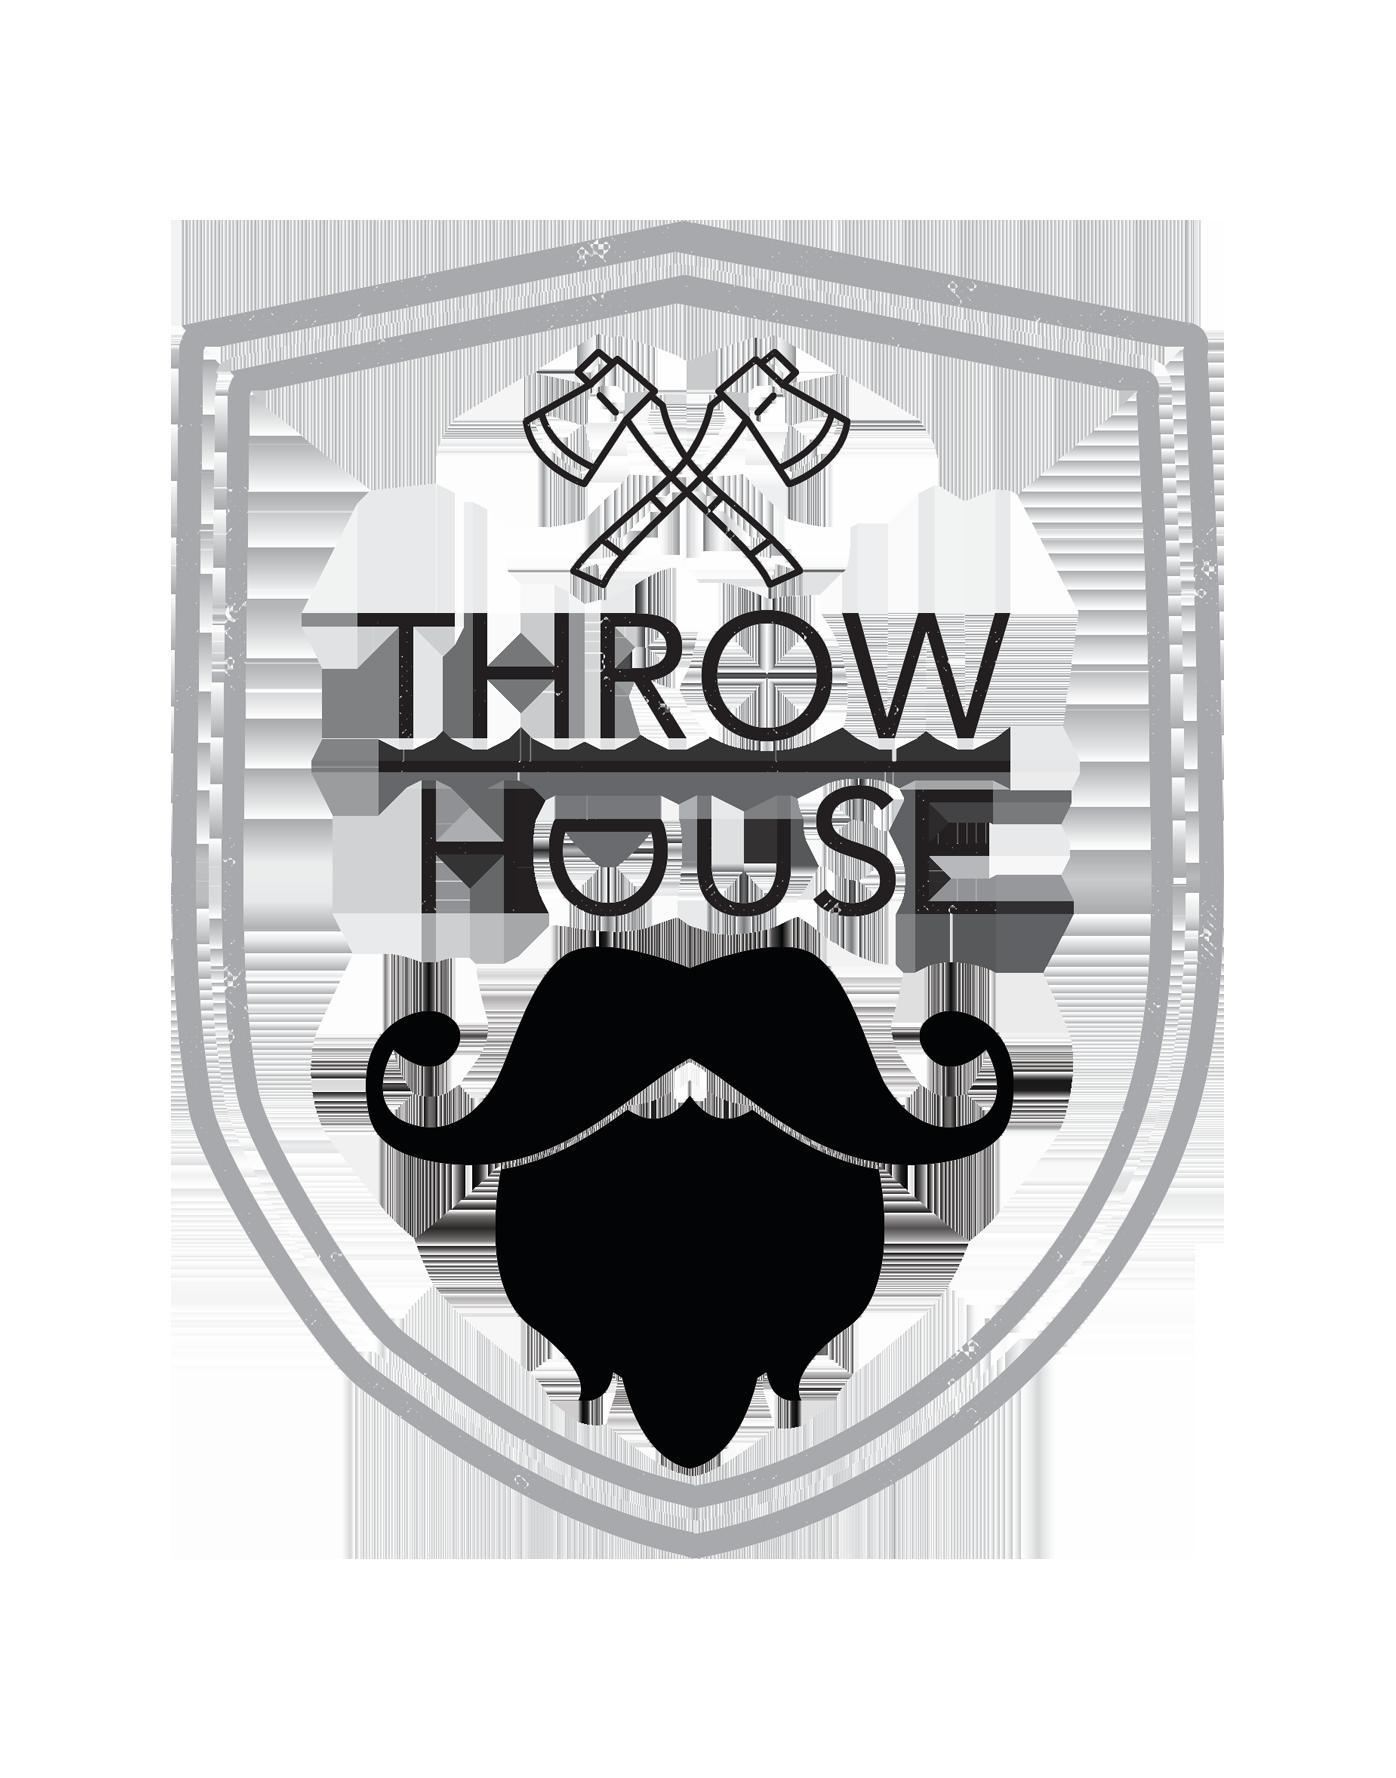 Throw House Axe Throwing